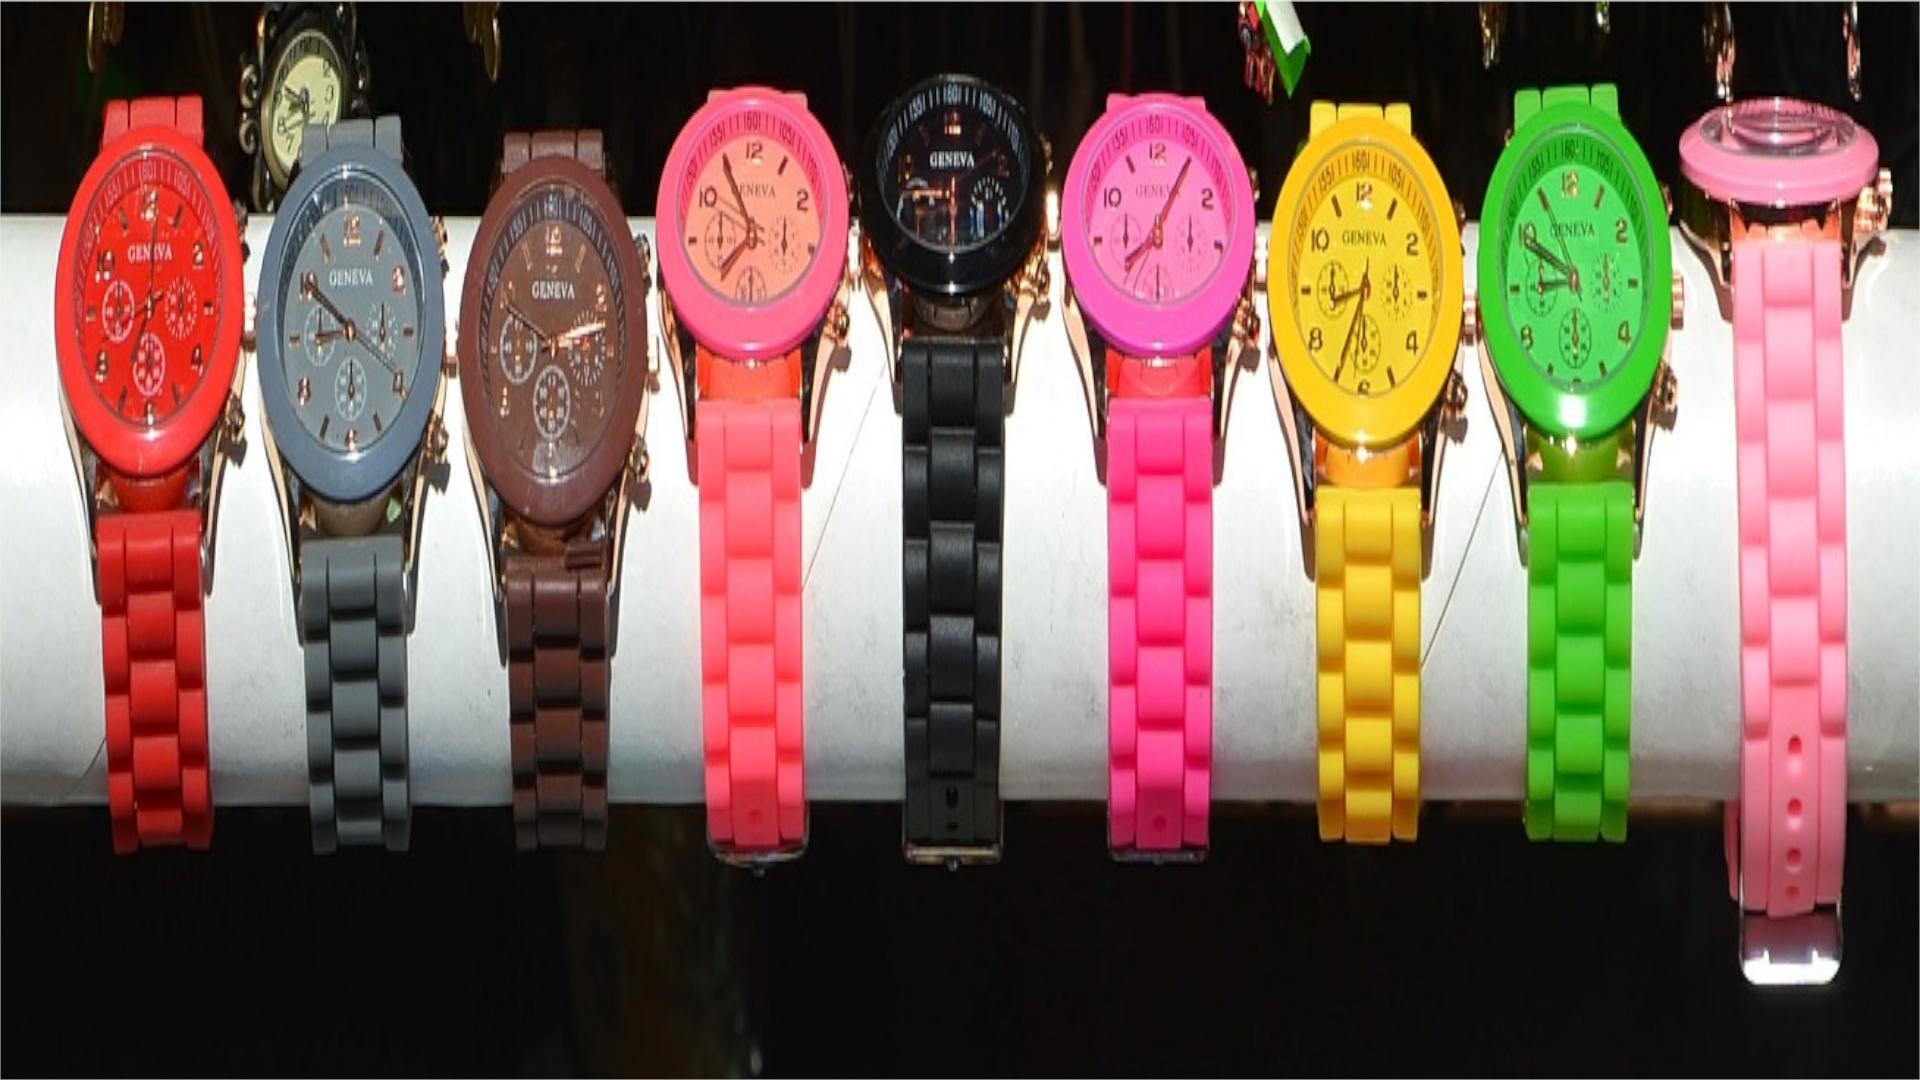 Żółte zegarki przegląd modeli Ciekawostki o zegarkach